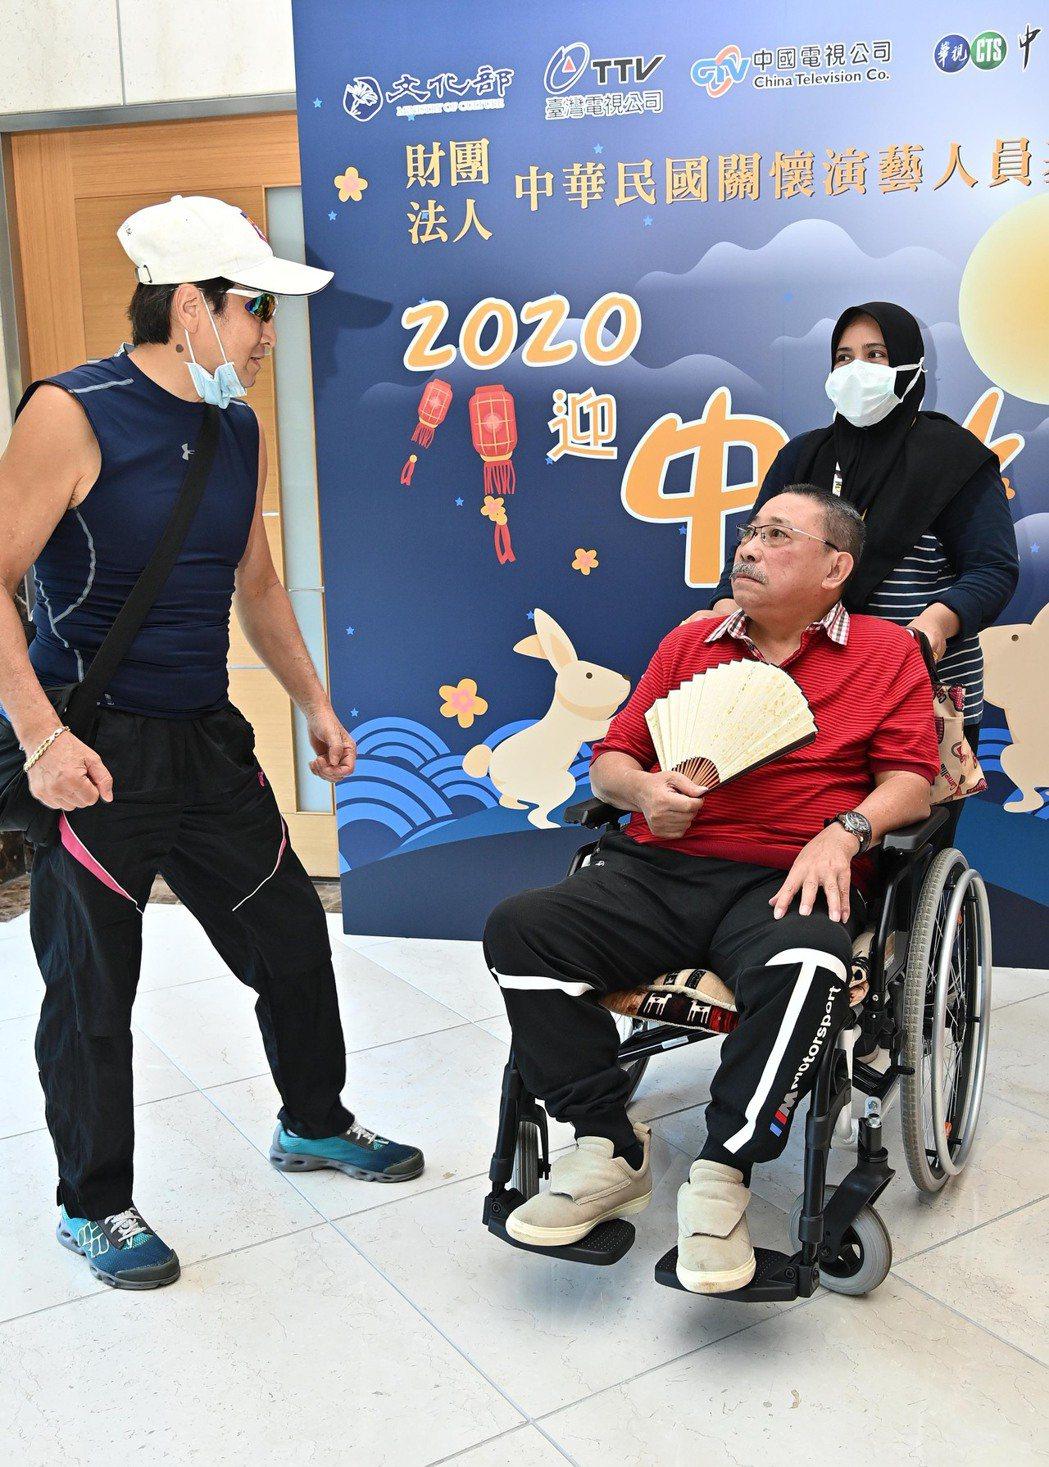 陳松勇(右)遇到衛子雲開心閒聊。圖/台視提供